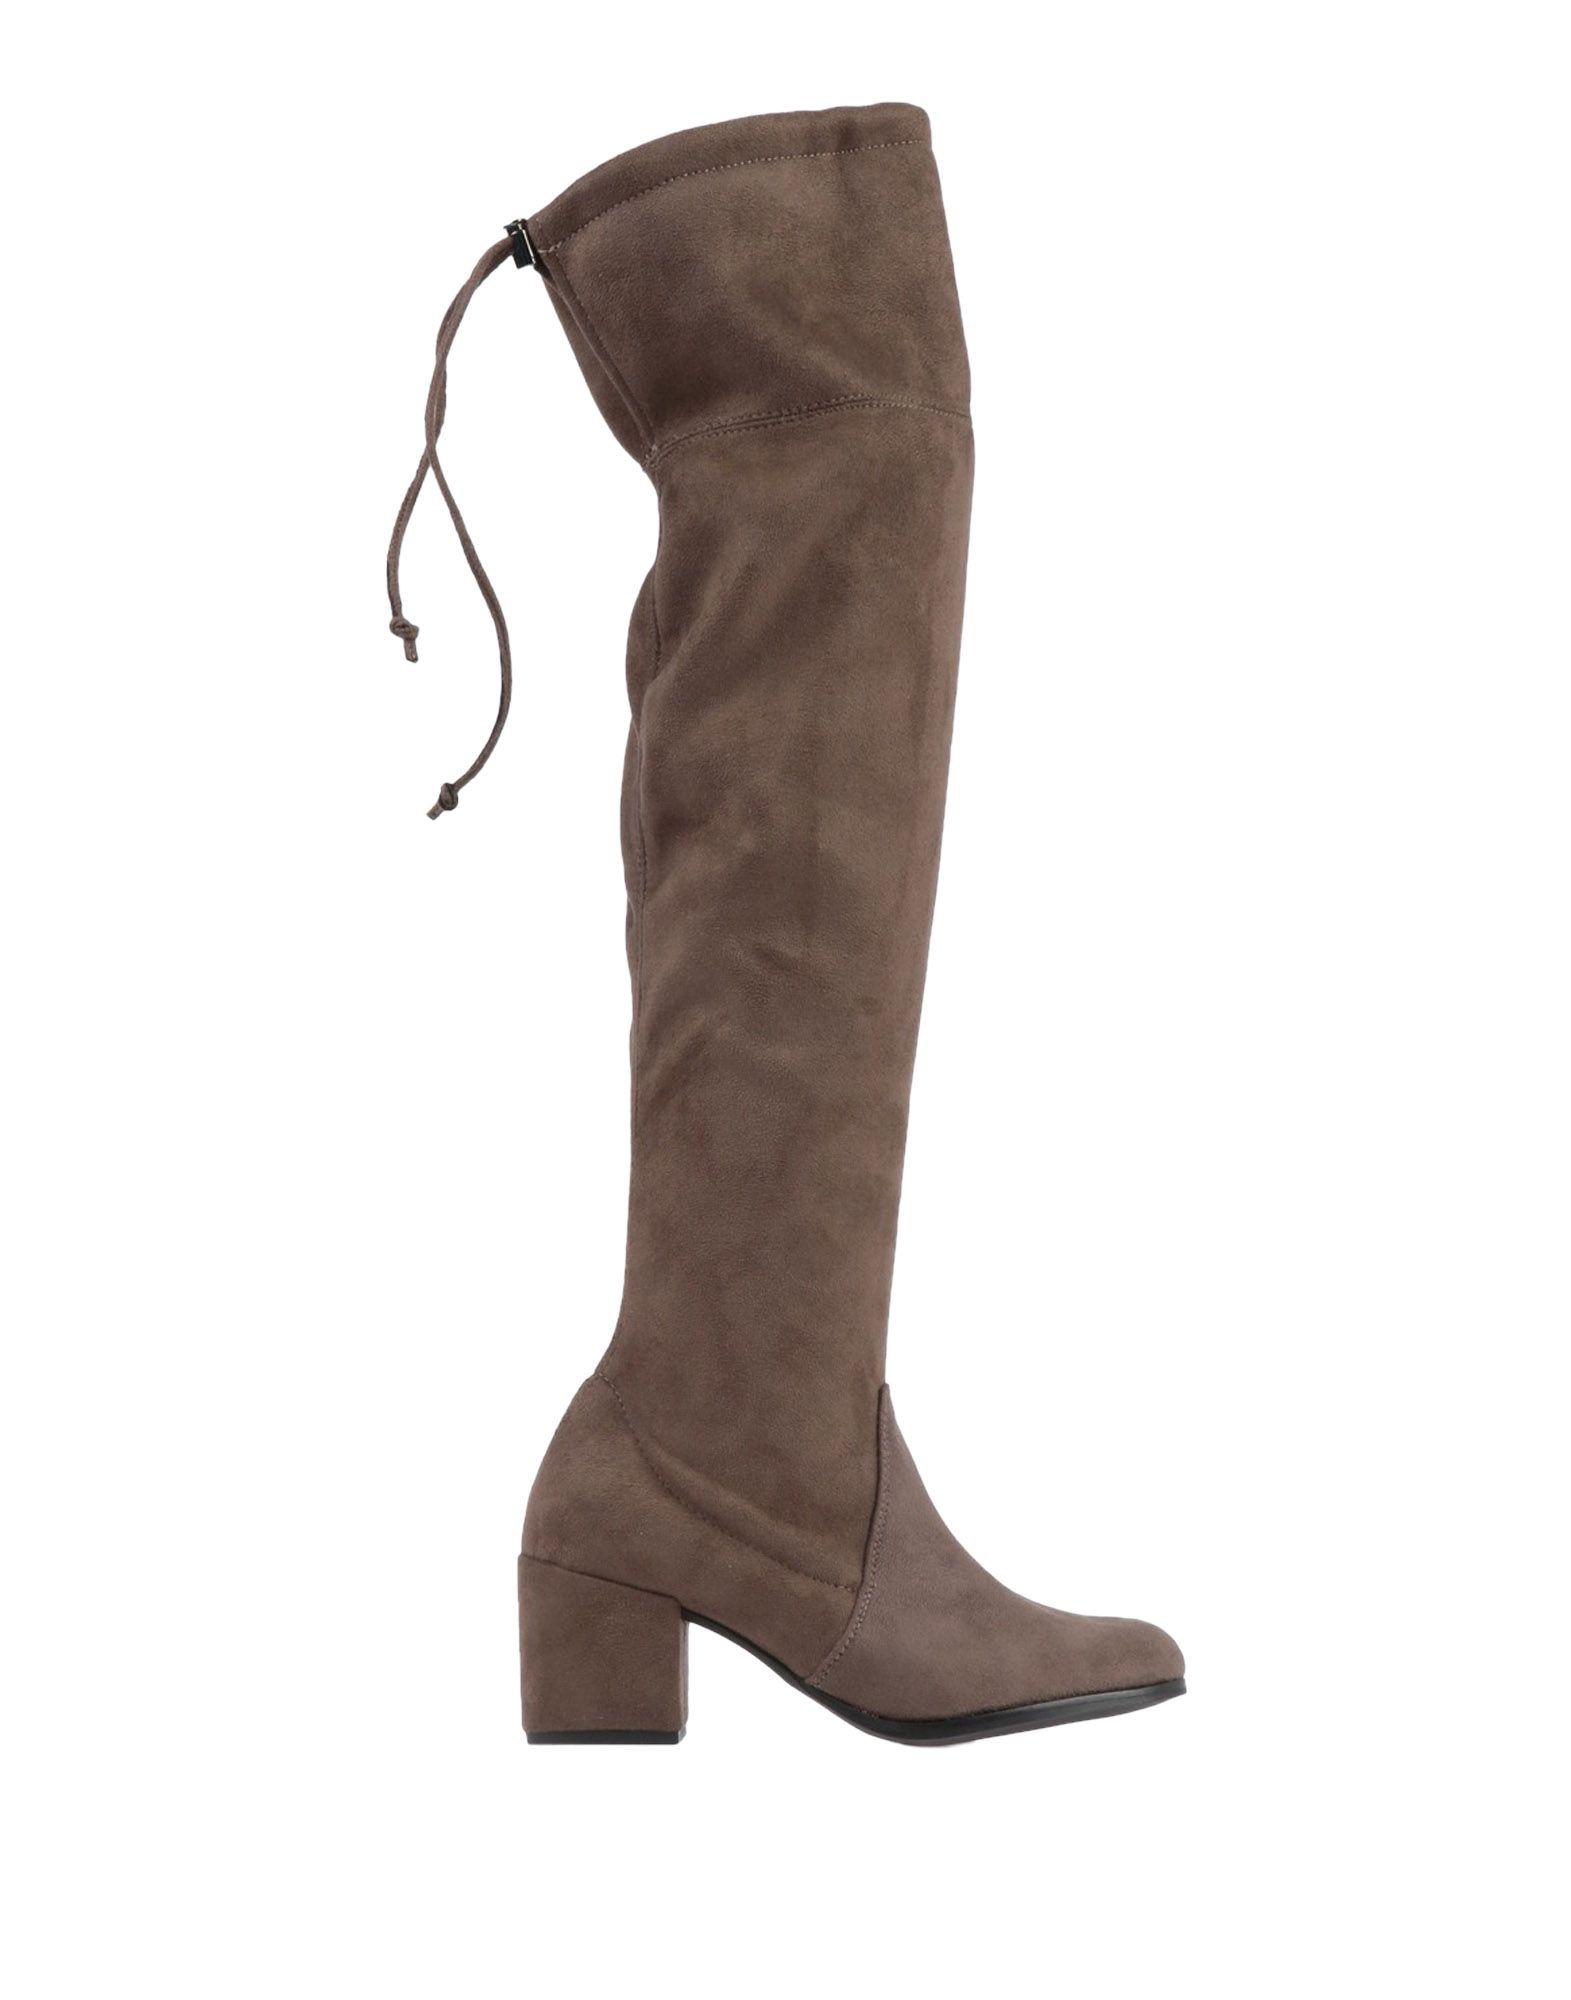 C.Waldorf Stiefel Damen  11541150HU Gute Qualität beliebte Schuhe